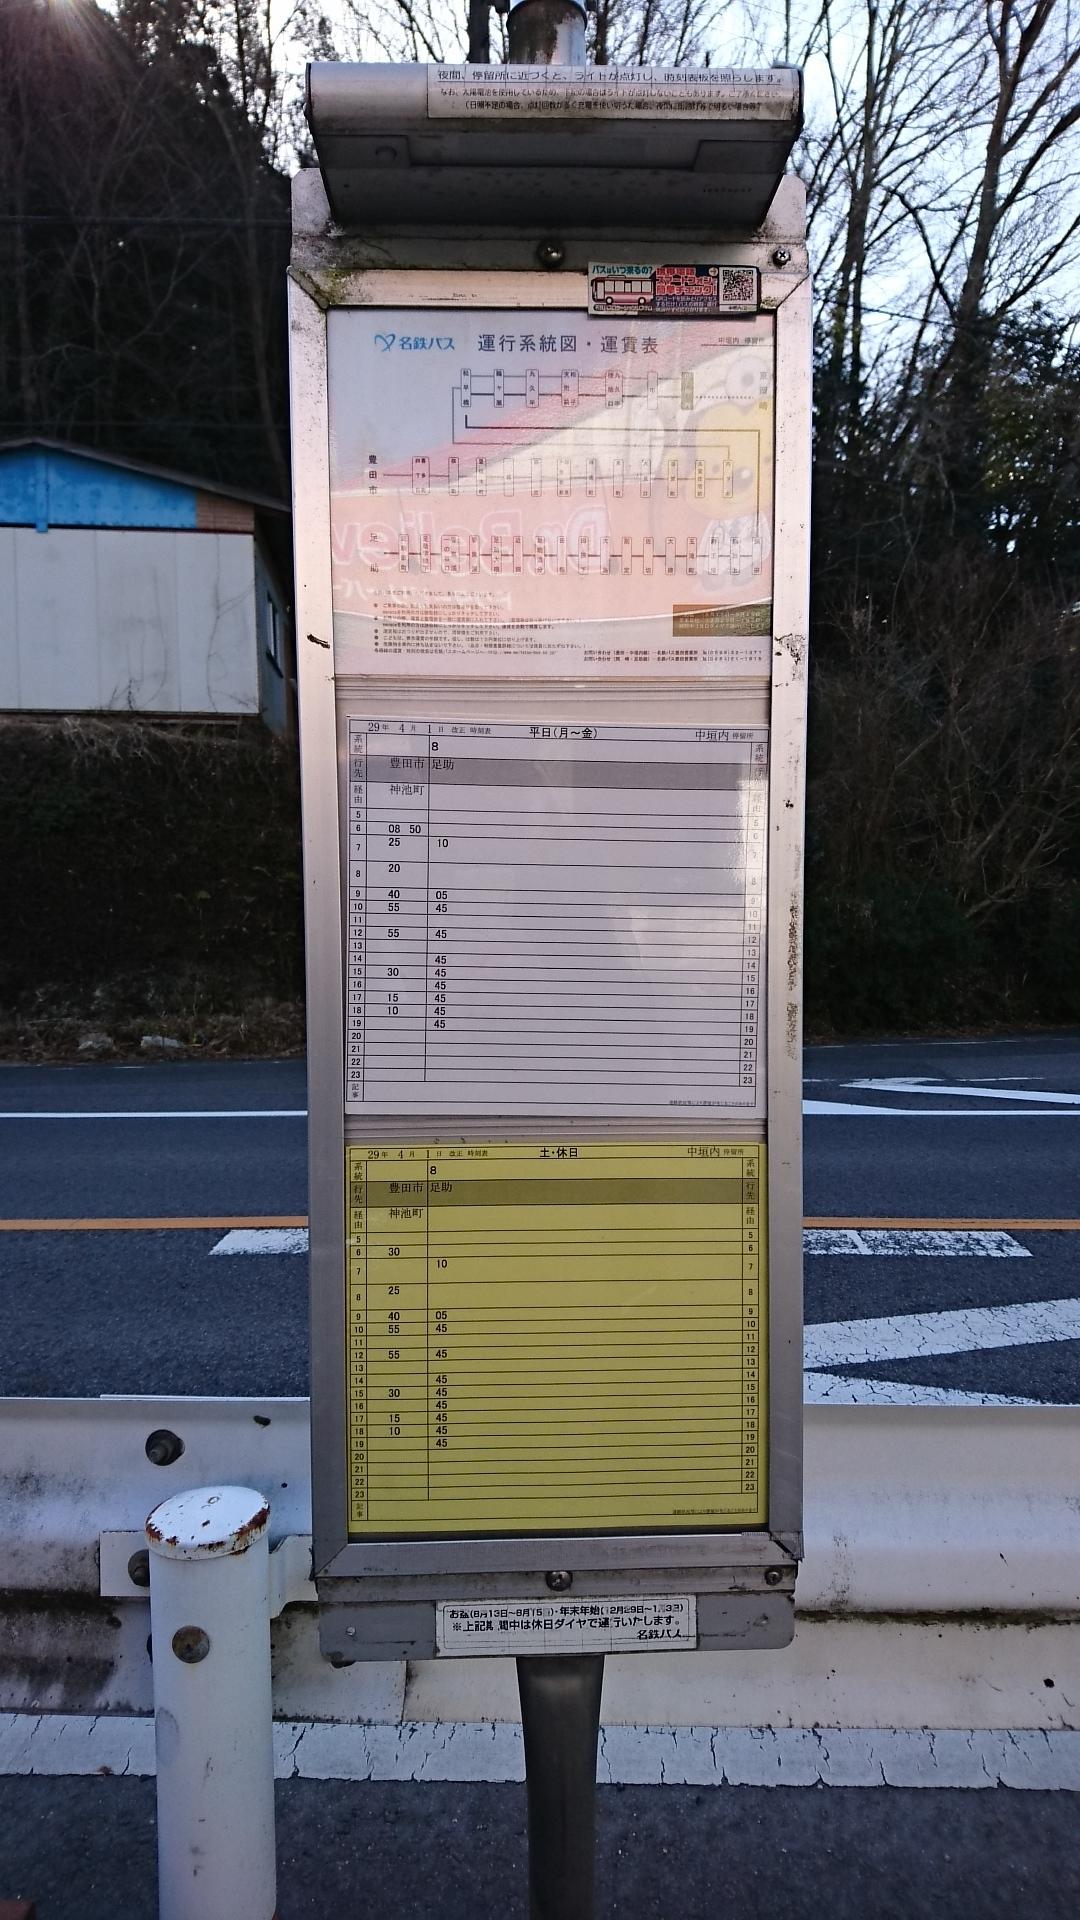 2018.2.27 (75) 中垣内バス停 - 豊田市いき、足助いき時刻表 1080-1920